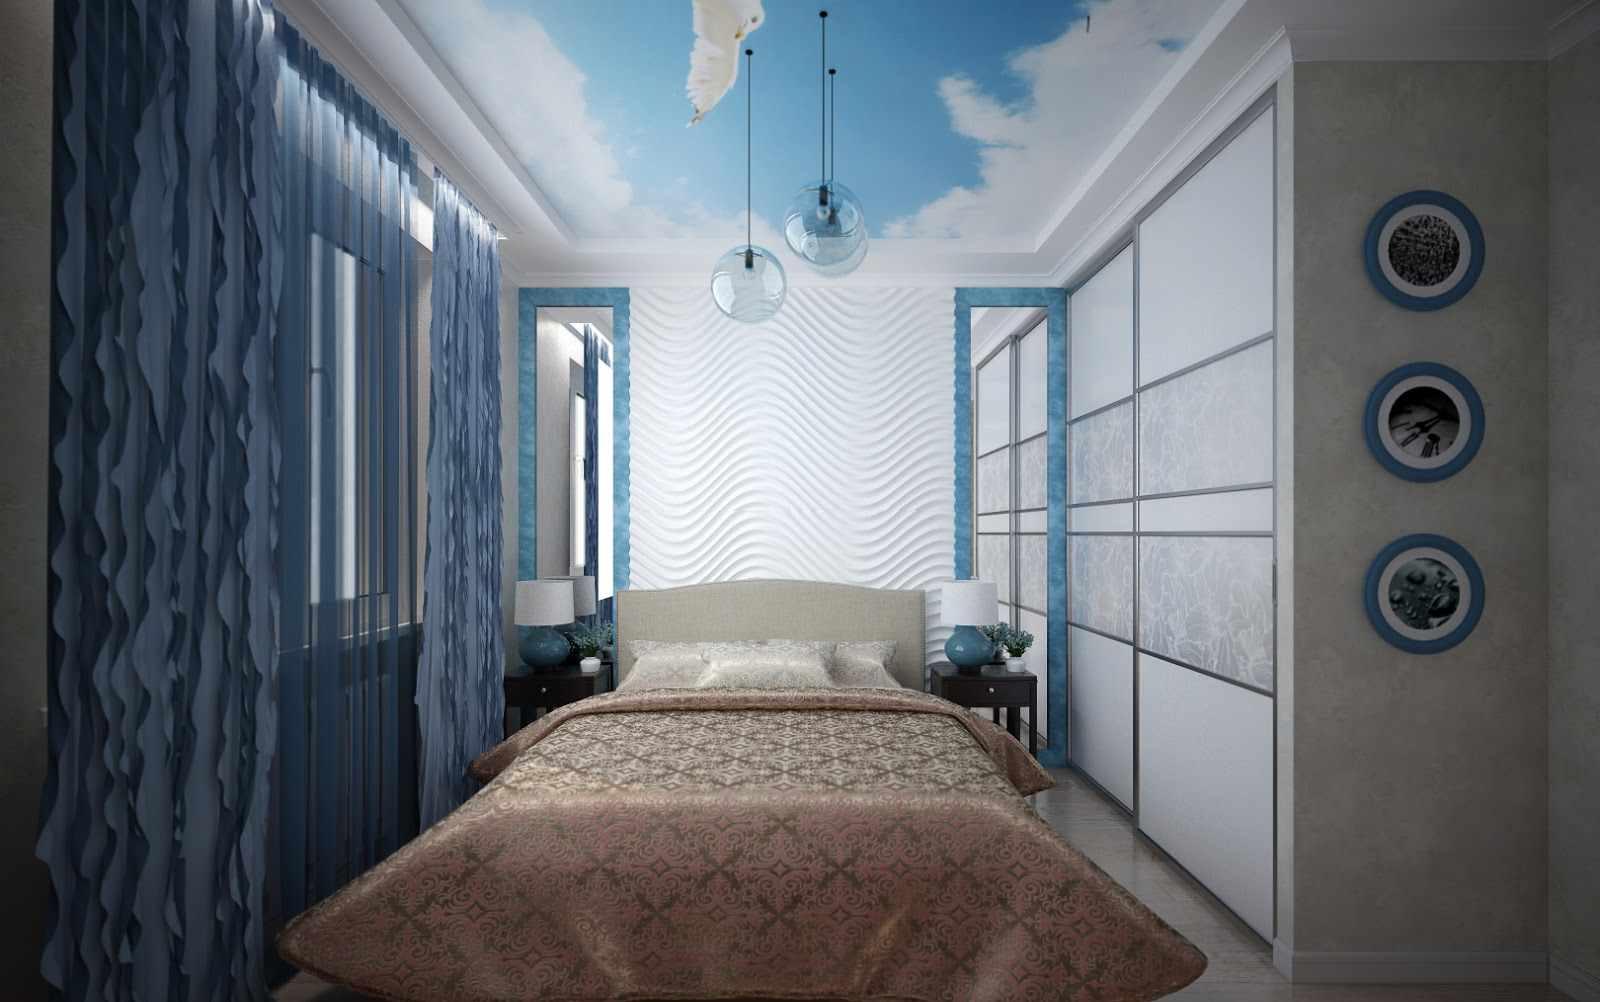 Un exemple de décoration de chambre lumineuse